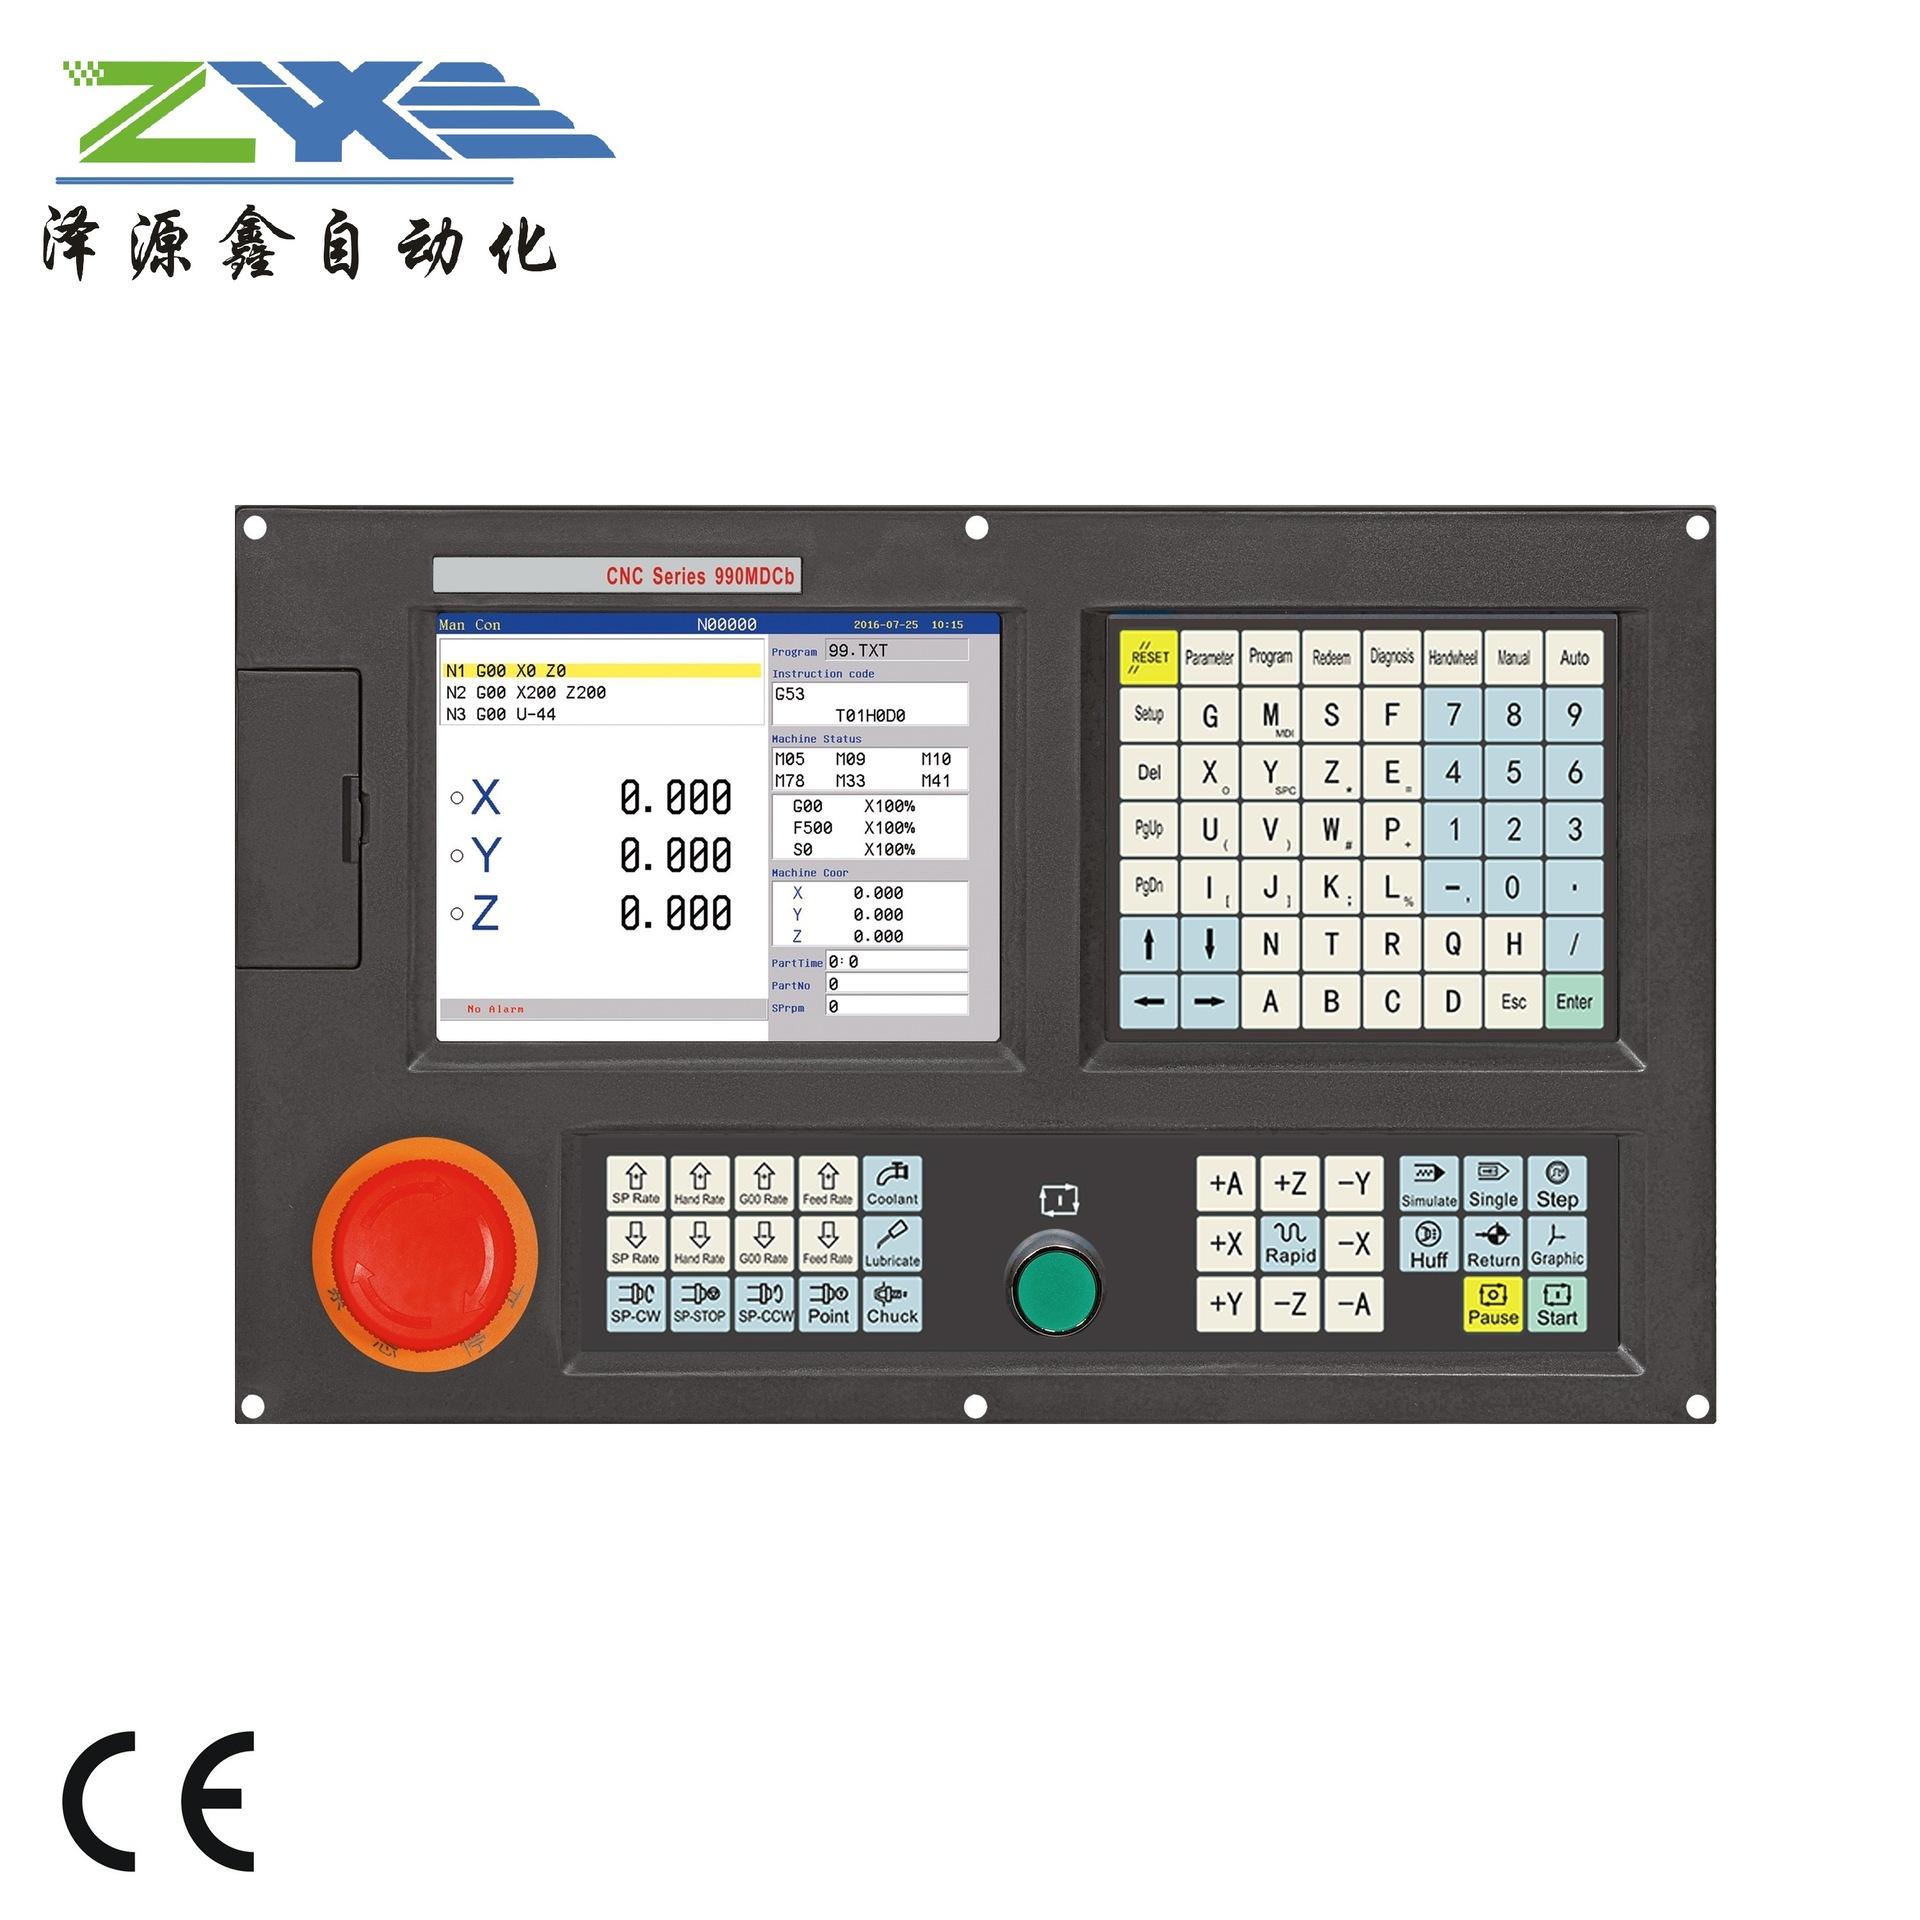 Hệ thống máy phay CNC đa năng 2-4 trục